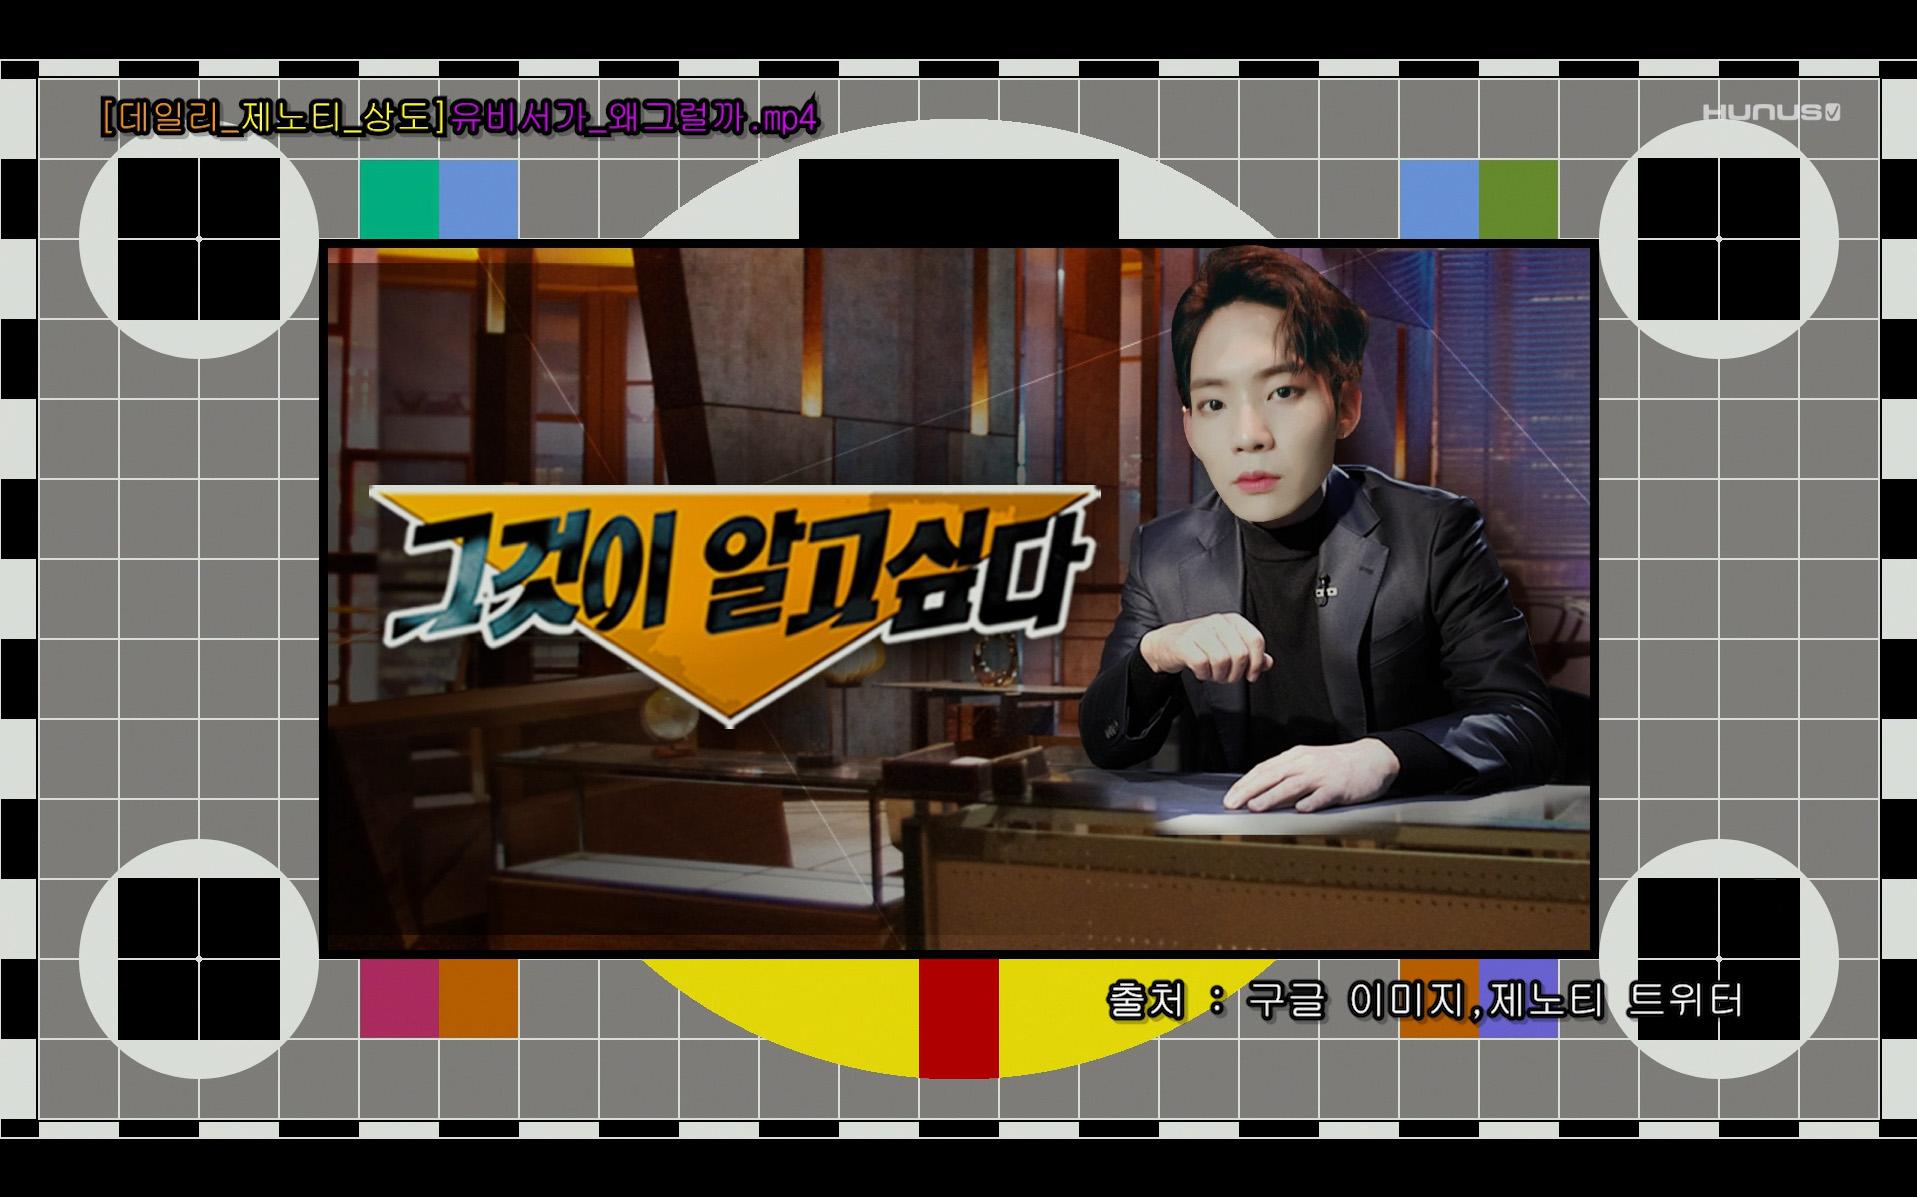 [XENO-T] Daily XENO-T <상도편>